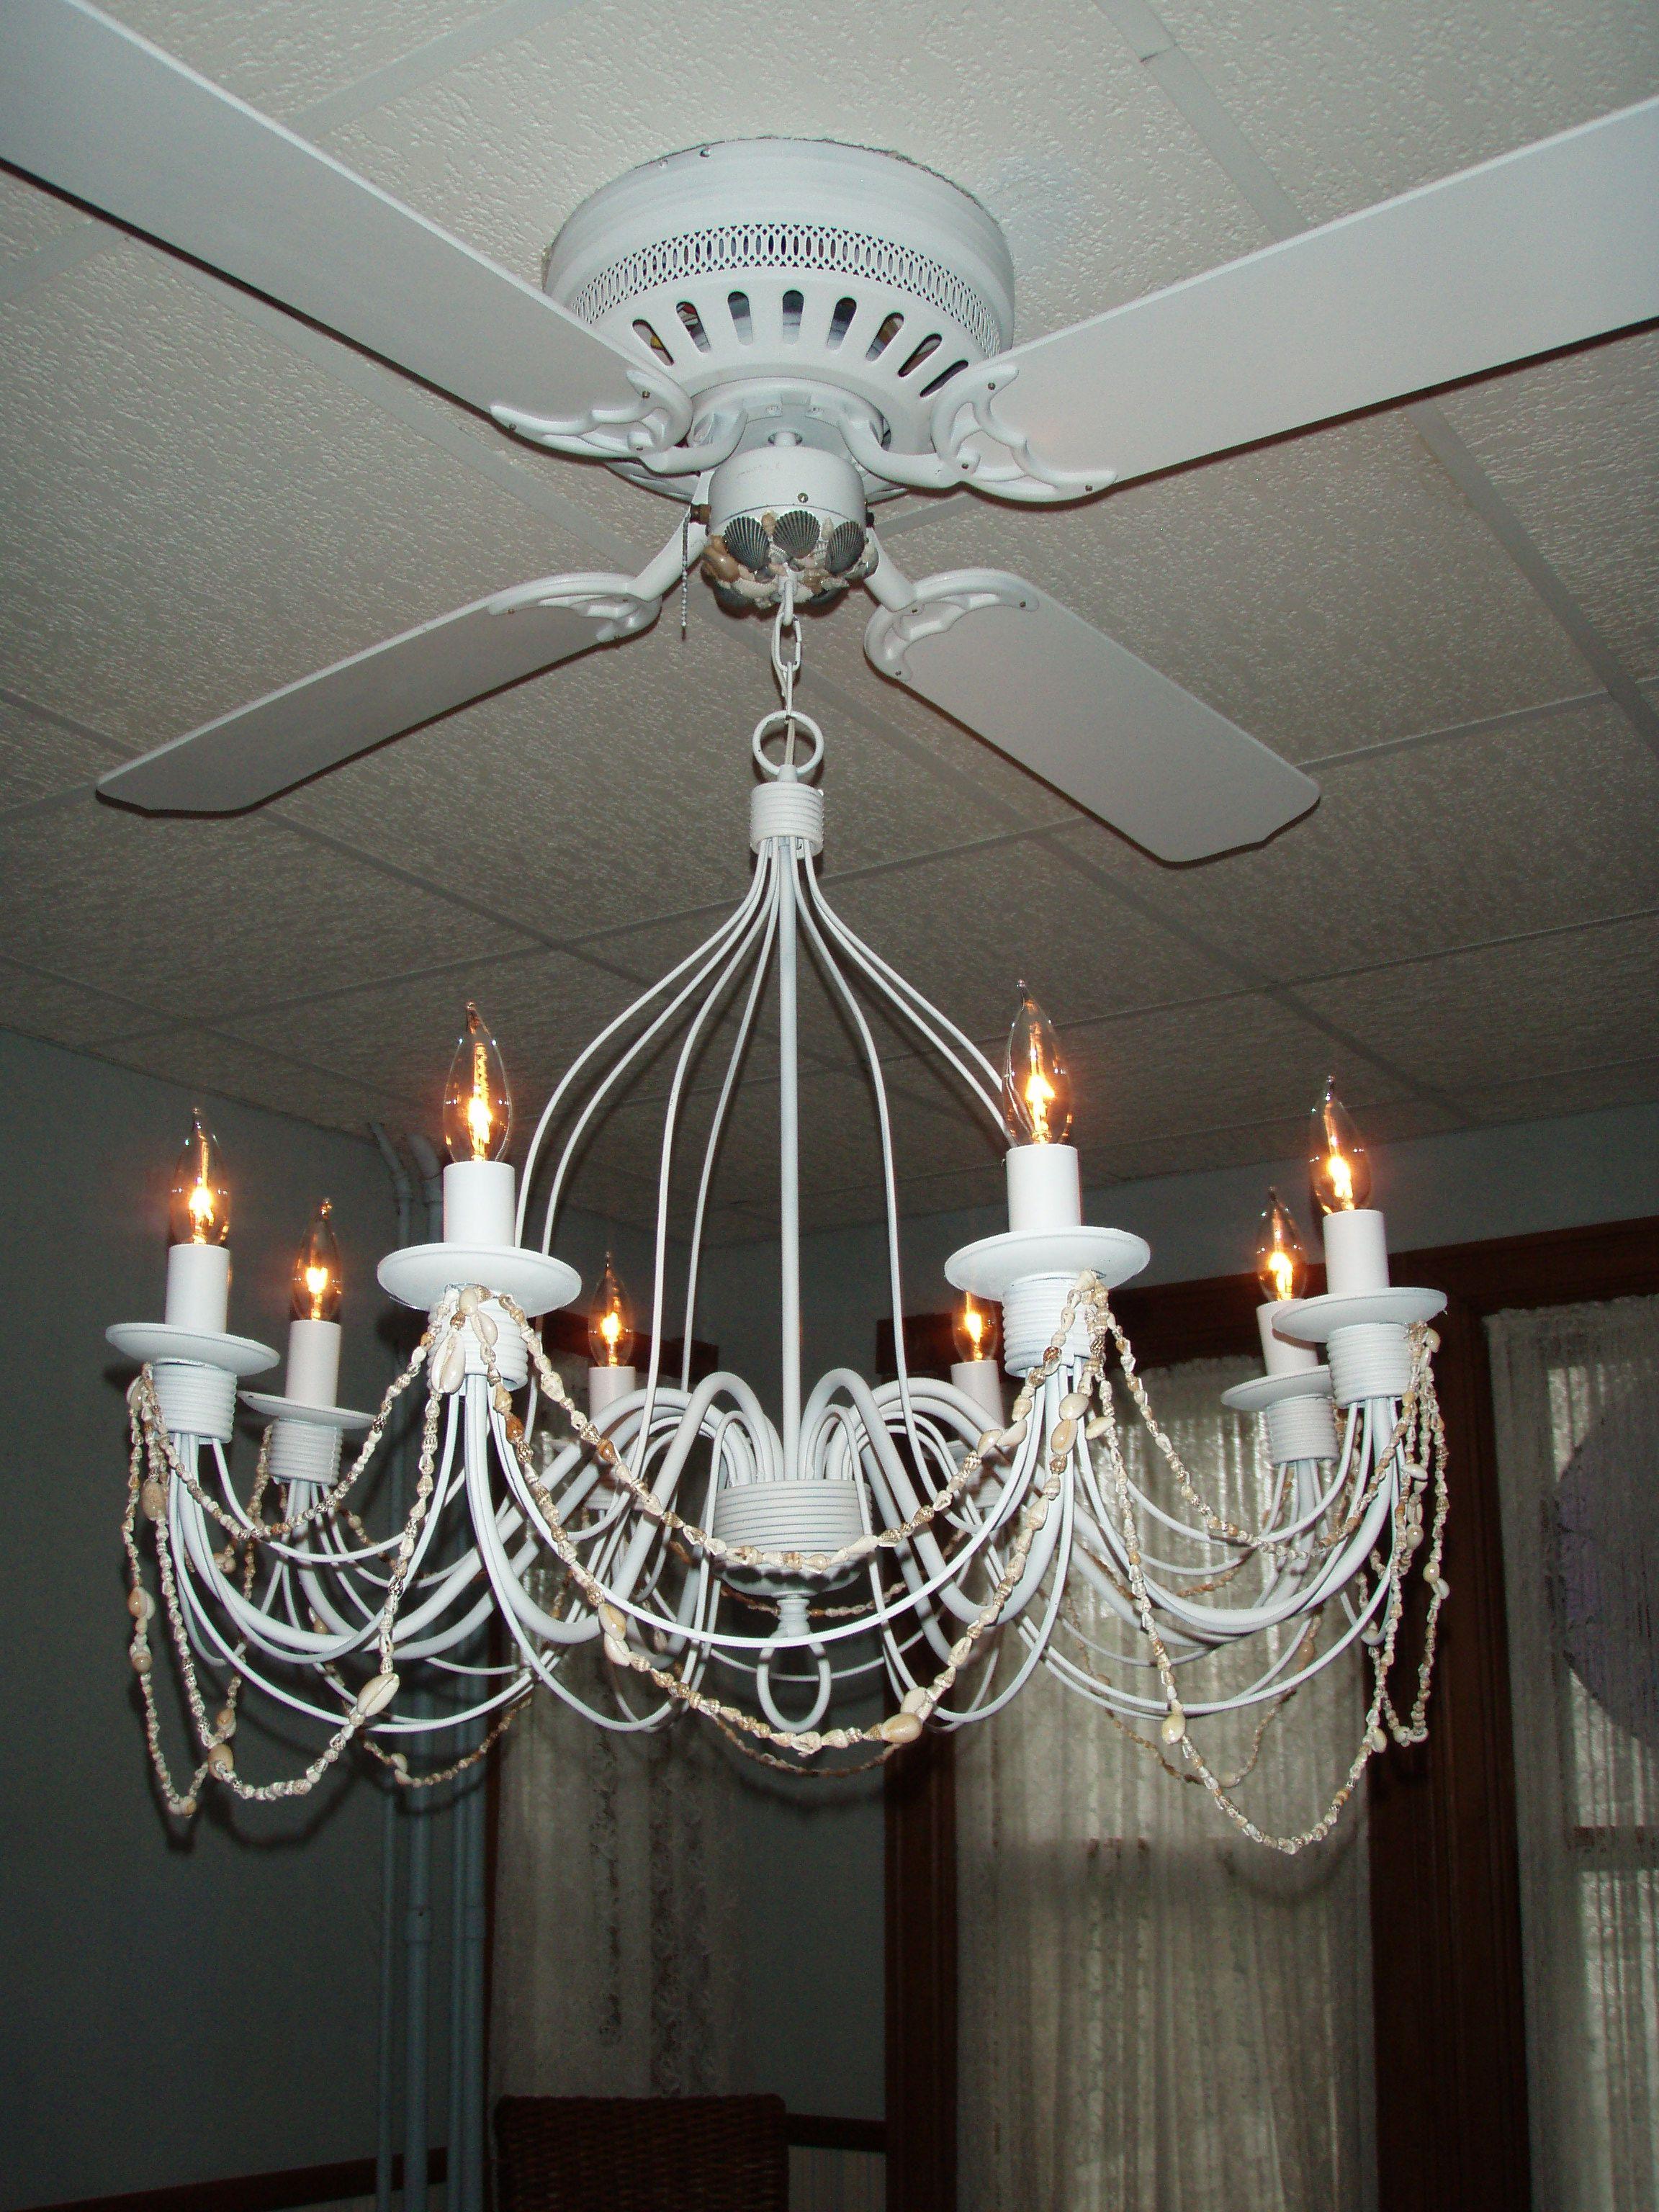 ceiling fan with chandelier - http://www.ltgent.com/ceiling-fan ...